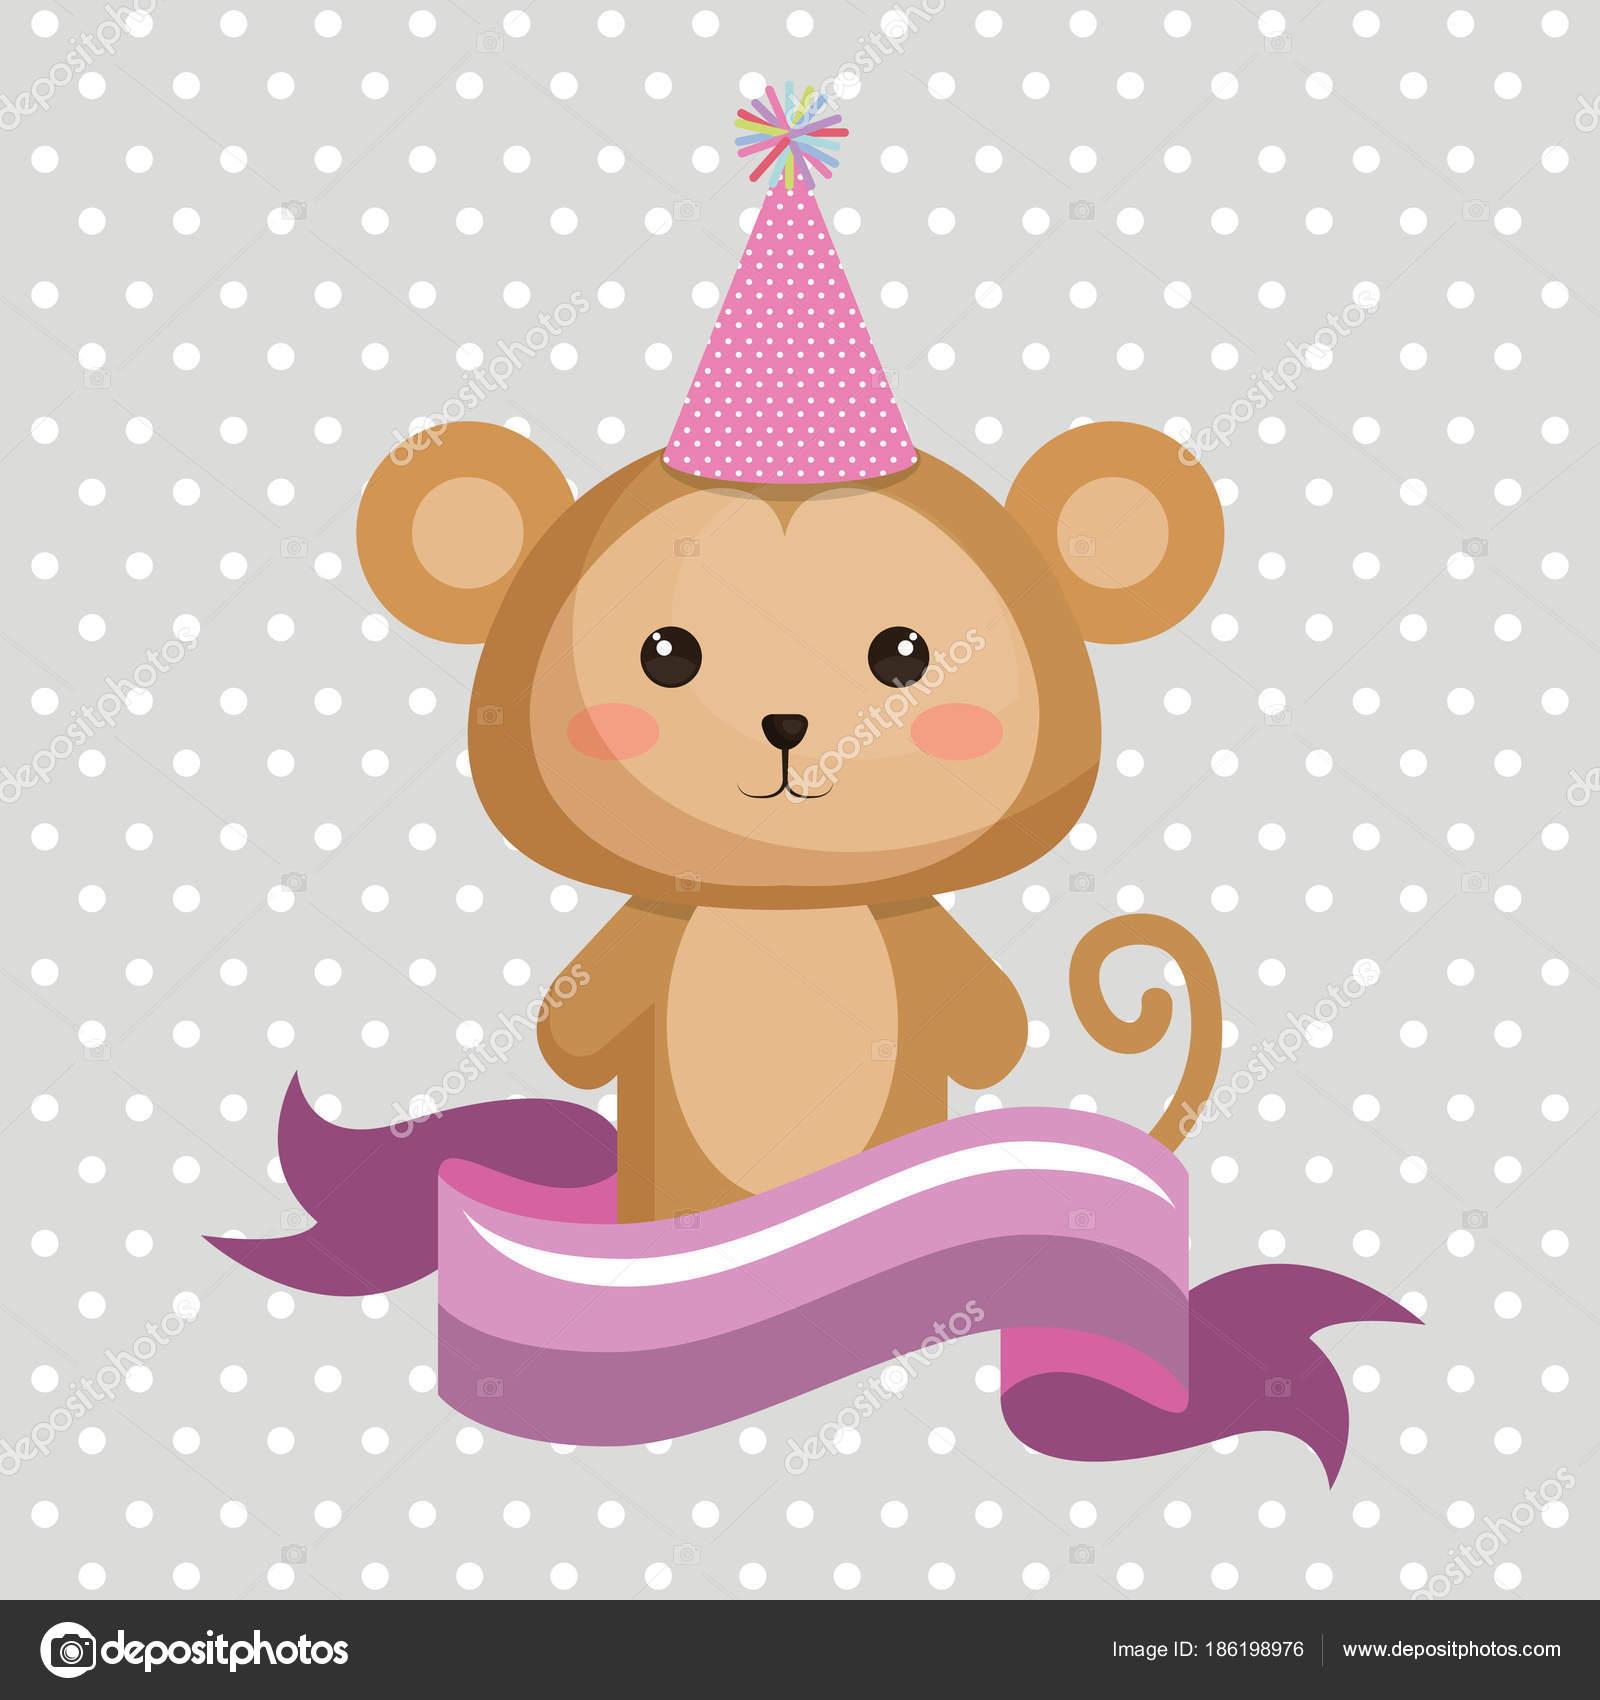 Mono lindo con diseño del partido sombrero kawaii cumpleaños tarjeta vector  ilustración — Vector de yupiramos 0daf9a4738d